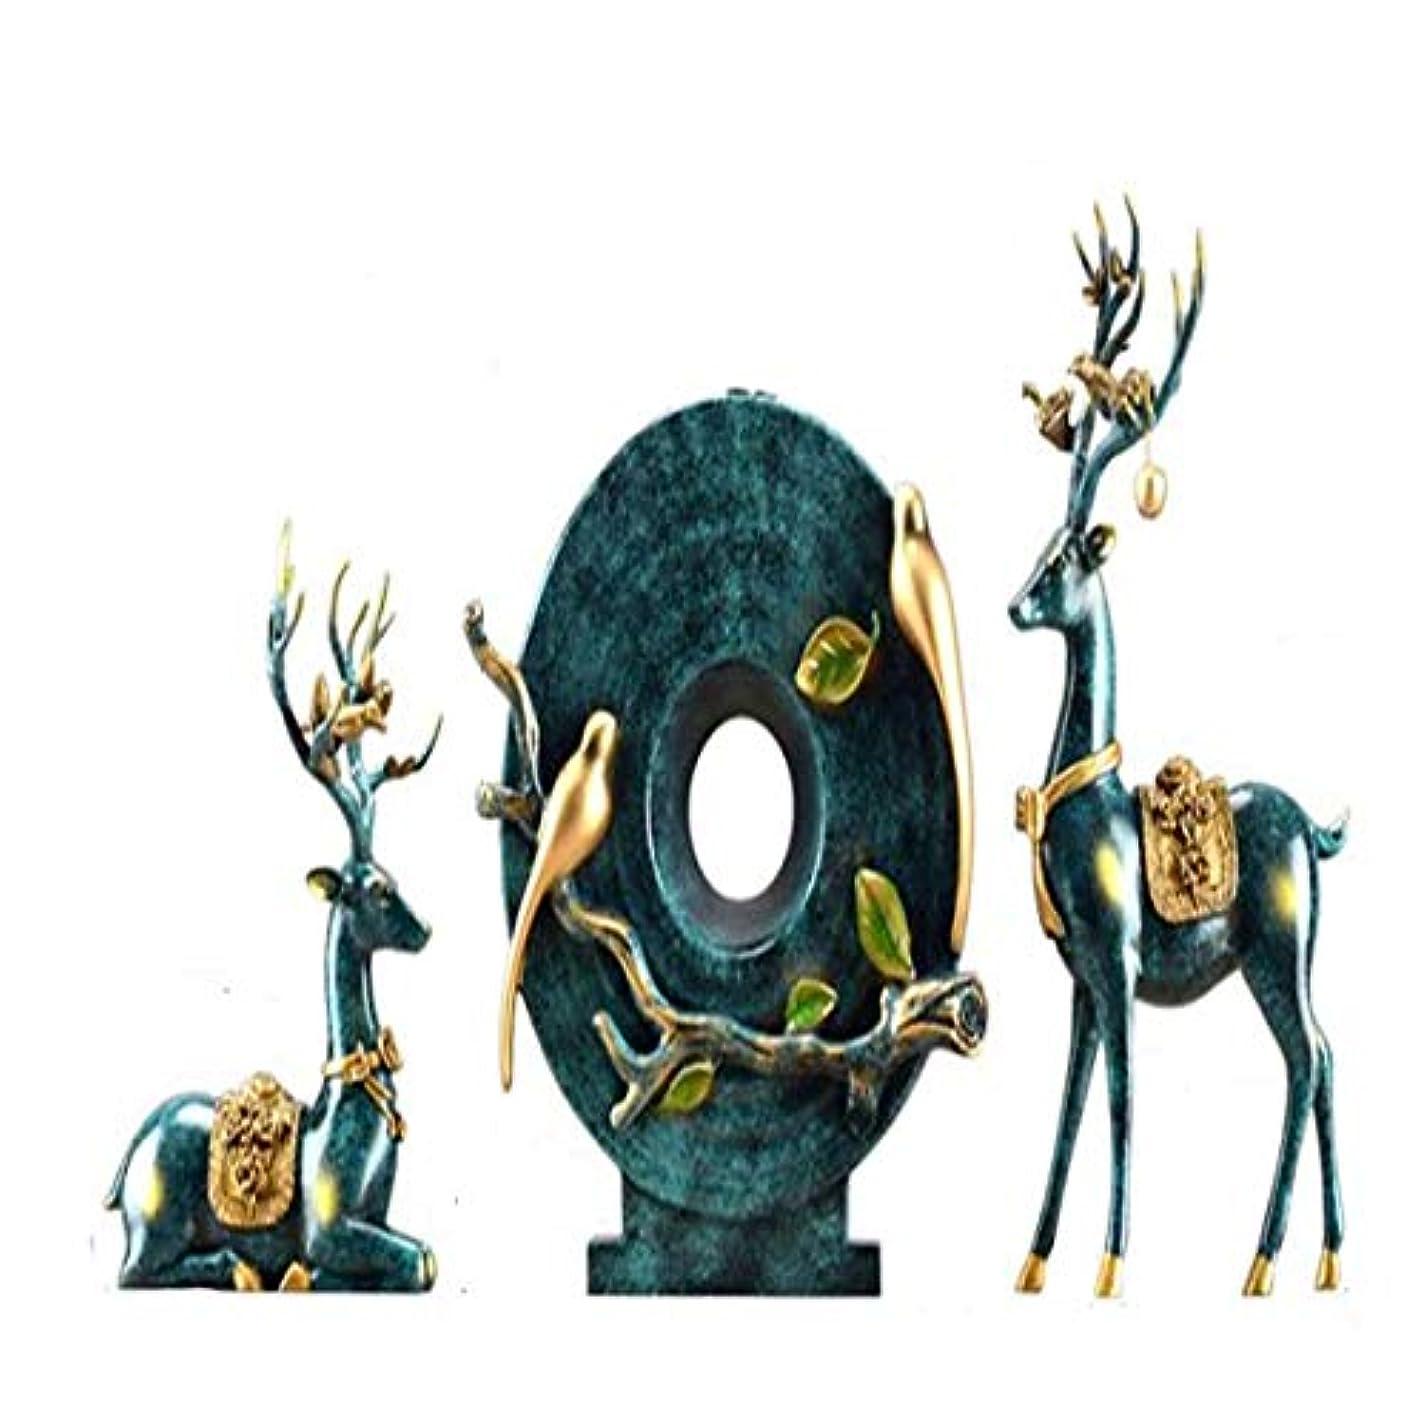 セーブできる古風なFengshangshanghang クリエイティブアメリカン鹿の装飾品花瓶リビングルーム新しい家の結婚式のギフトワインキャビネットテレビキャビネットホームソフト装飾家具,家の装飾 (Color : A)